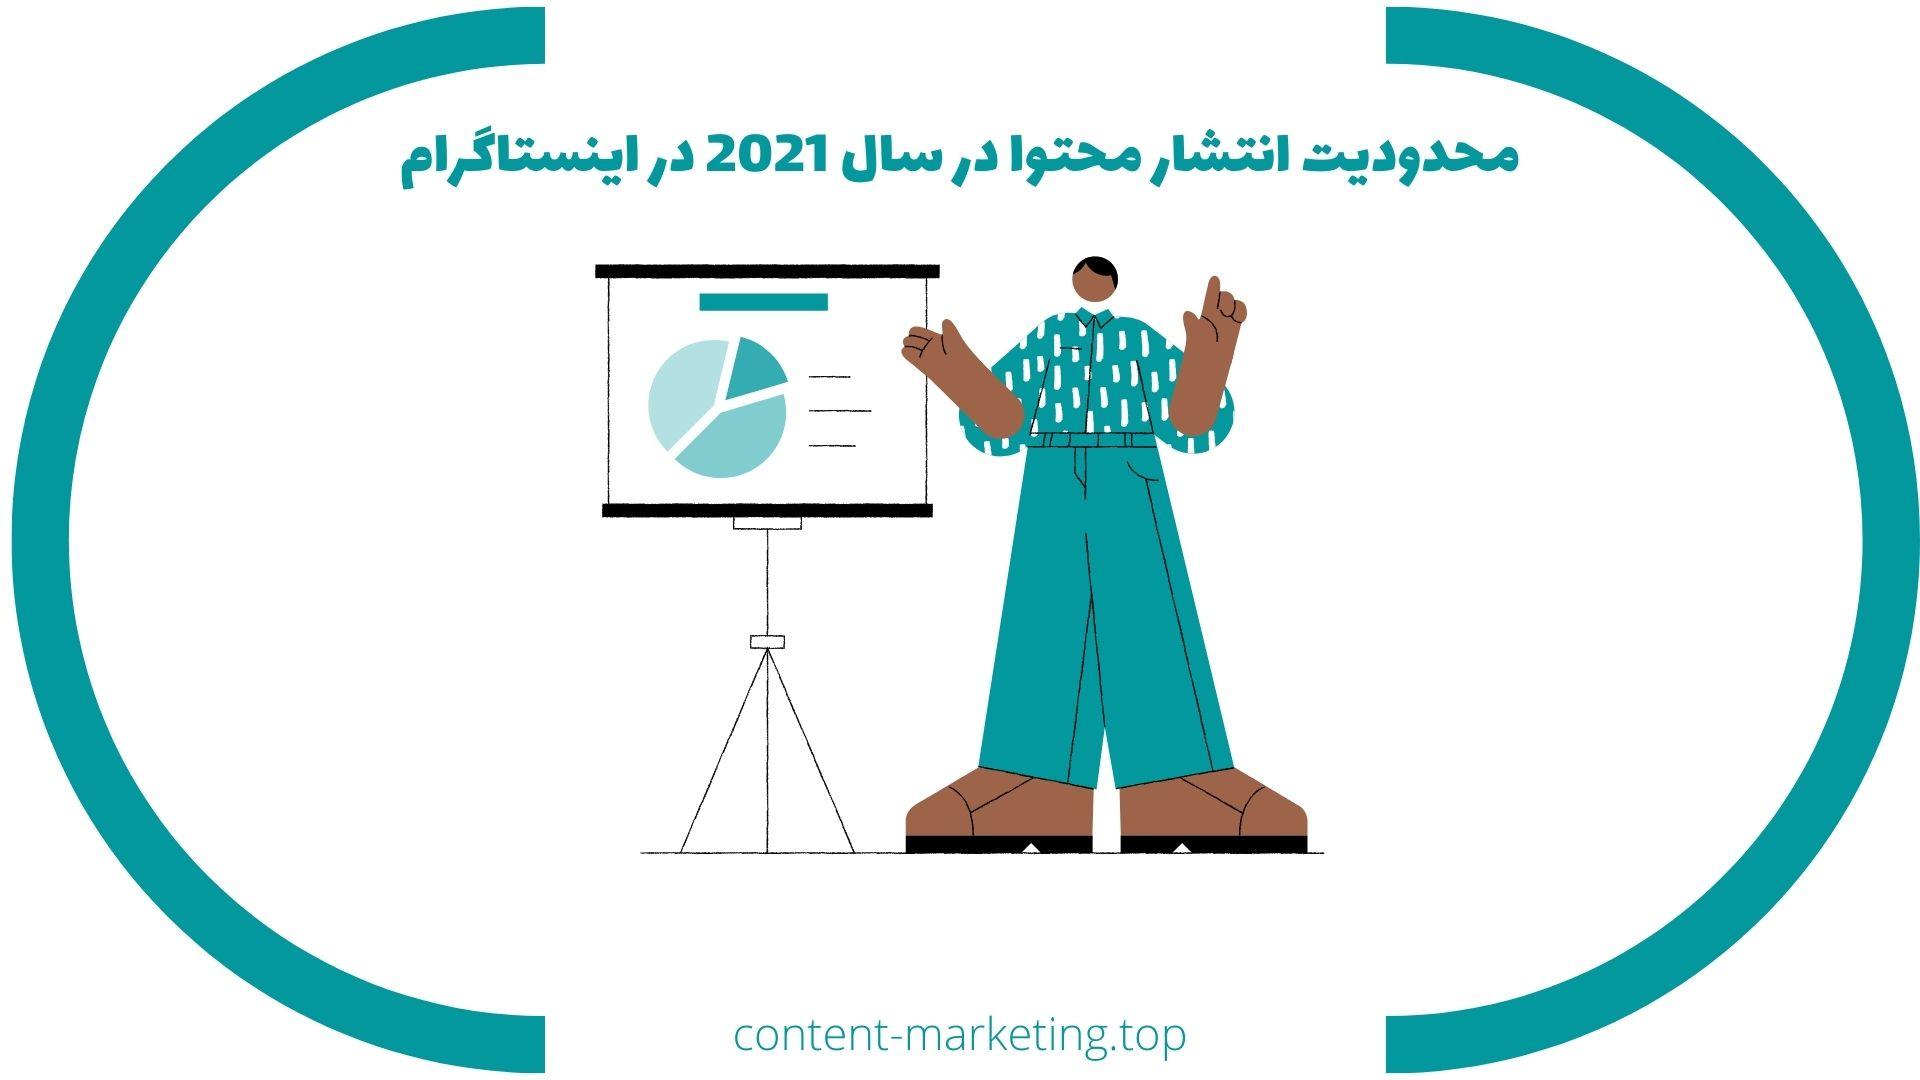 محدودیت انتشار محتوا در سال 2021 در اینستاگرام